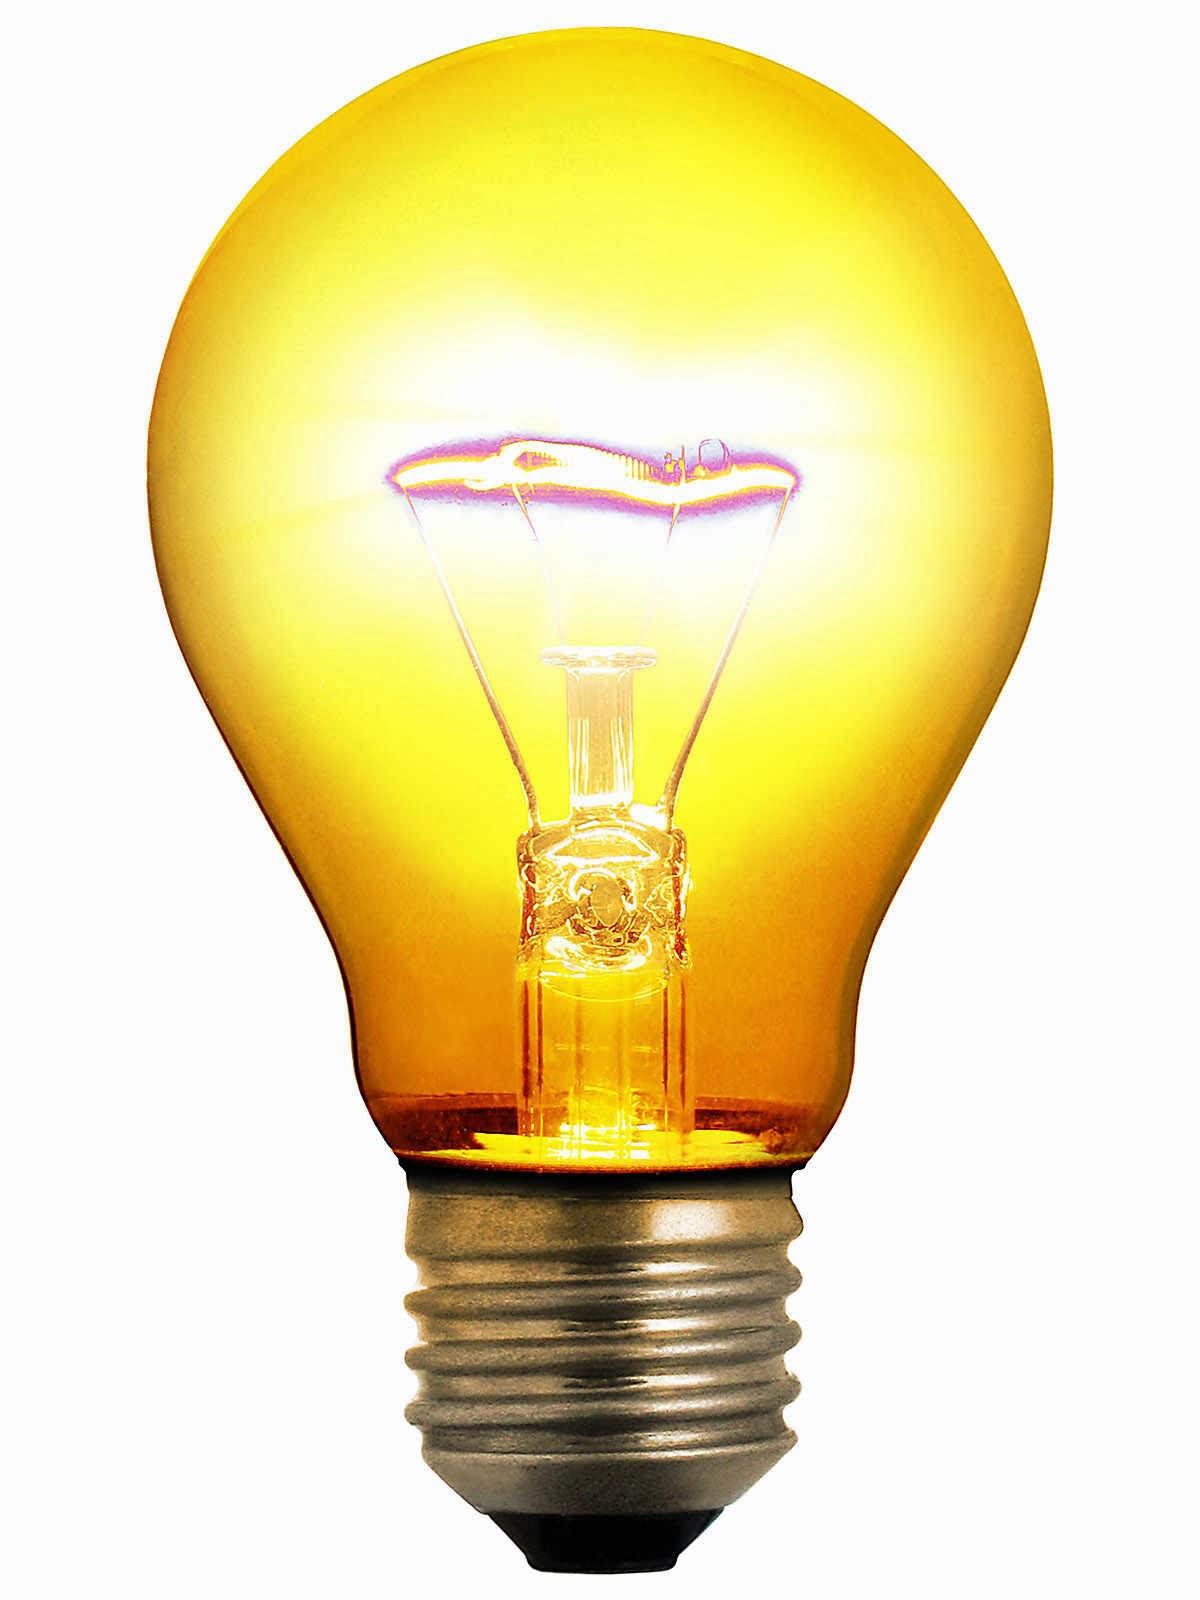 Snna clase 4 desarrollo del pensamiento for Objetos para banarse